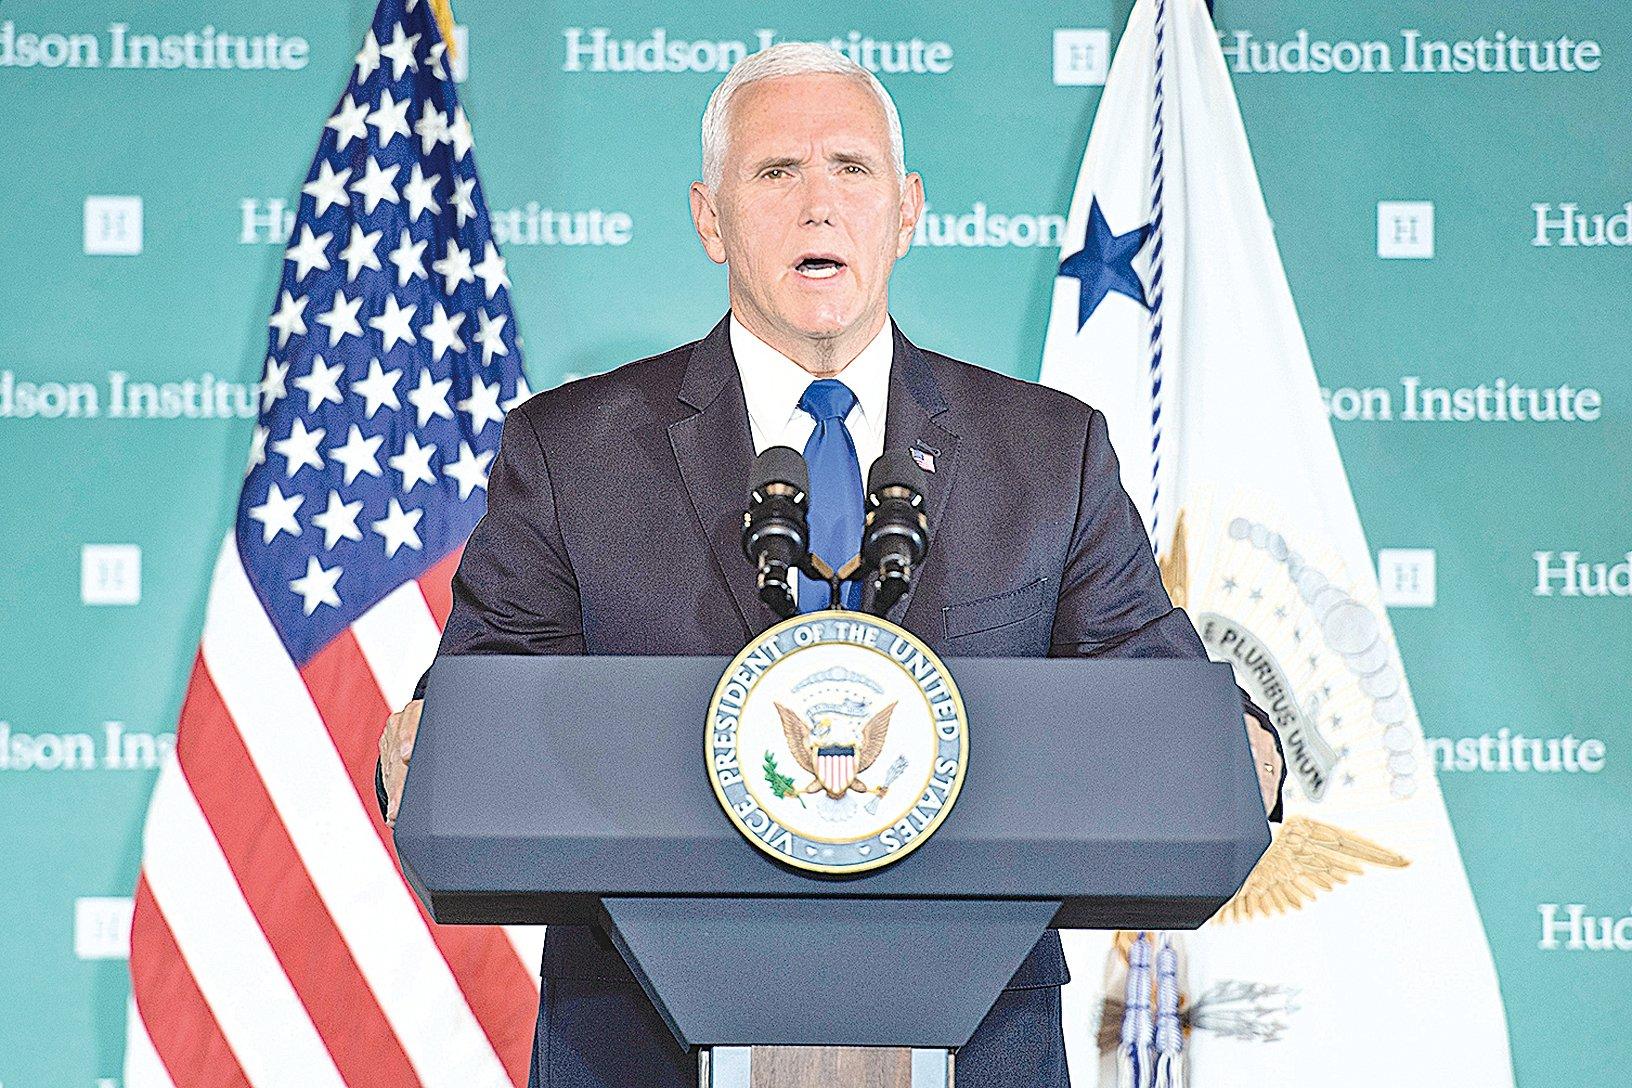 美國副總統彭斯10月4日在華盛頓智囊「哈德遜研究所」發表演講。(Getty Images)